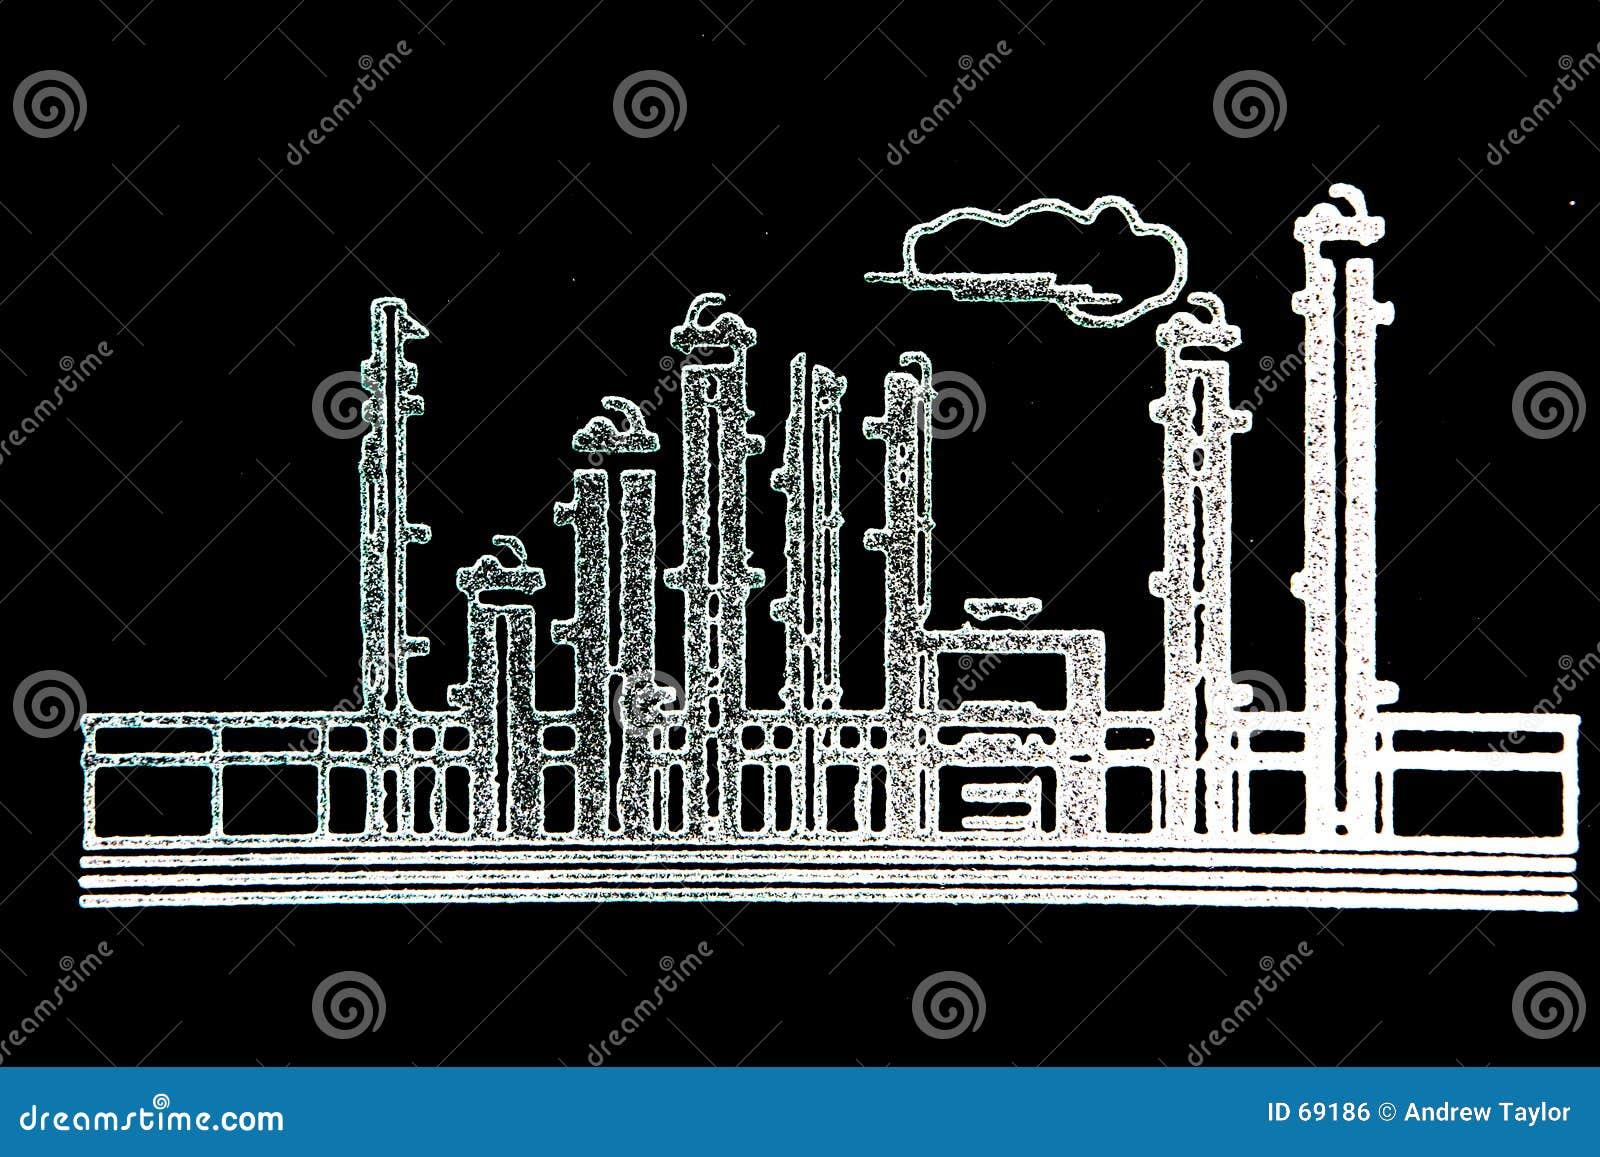 精炼厂草图